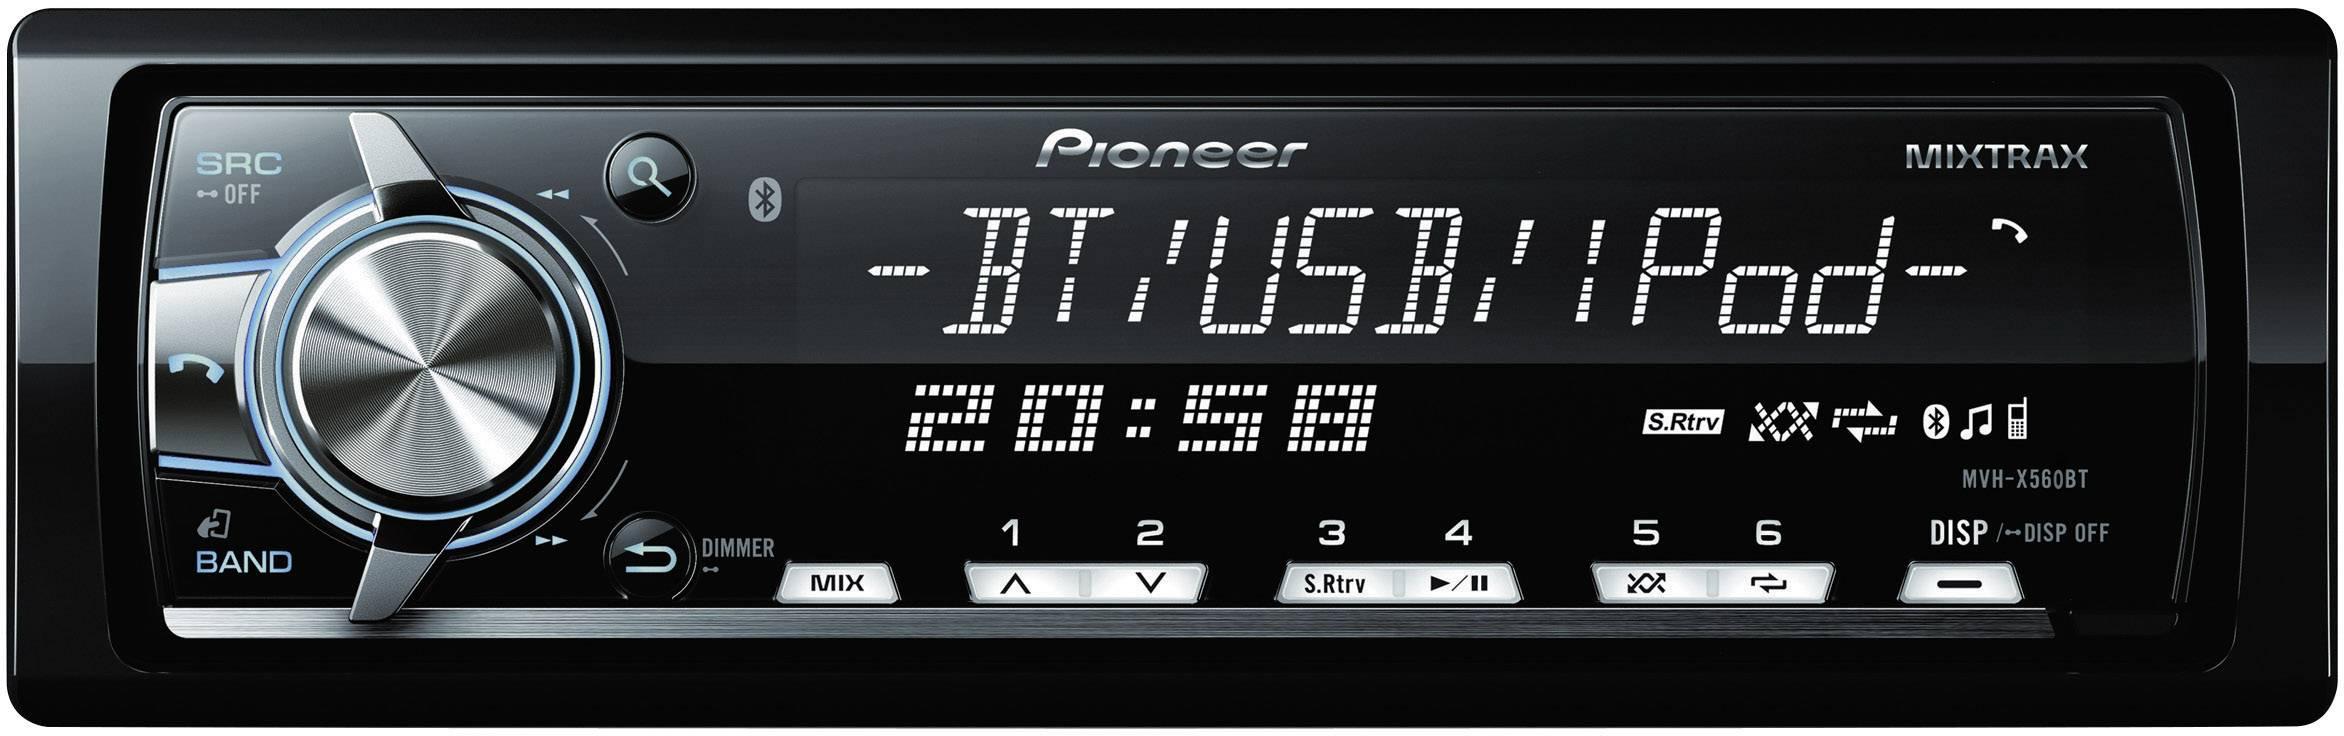 Autorádio Pioneer MVH-X560BT